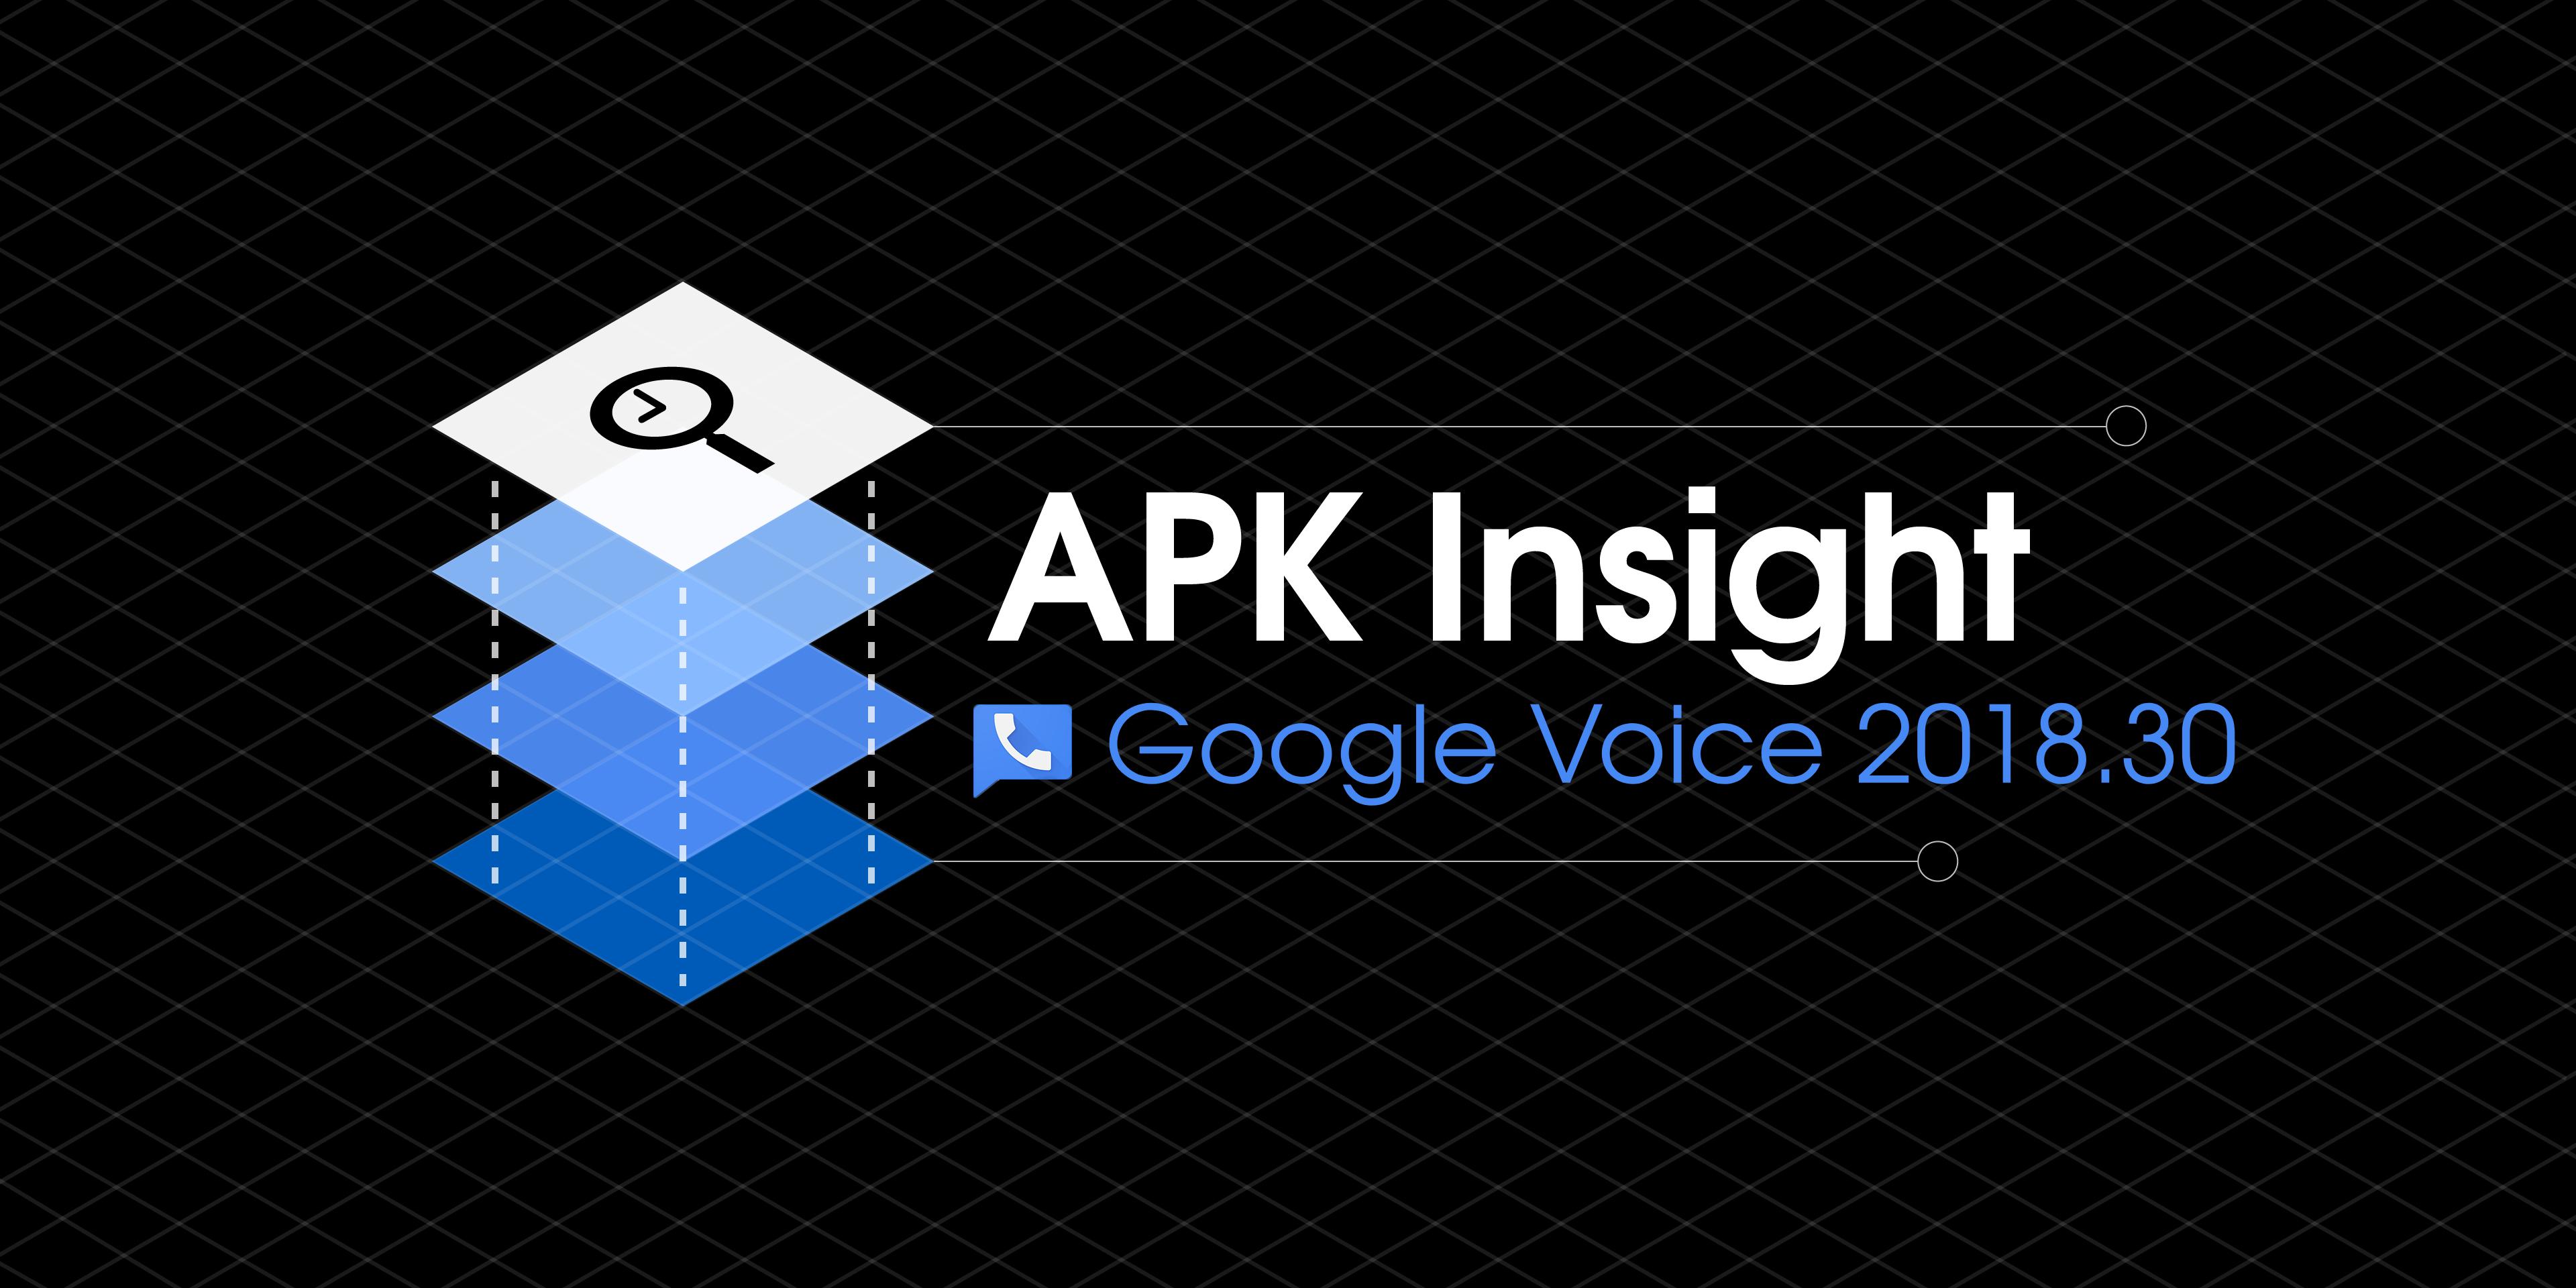 google voice 2018 30 preps hangouts meet calendar integration for g suite tweaks dnd apk insight